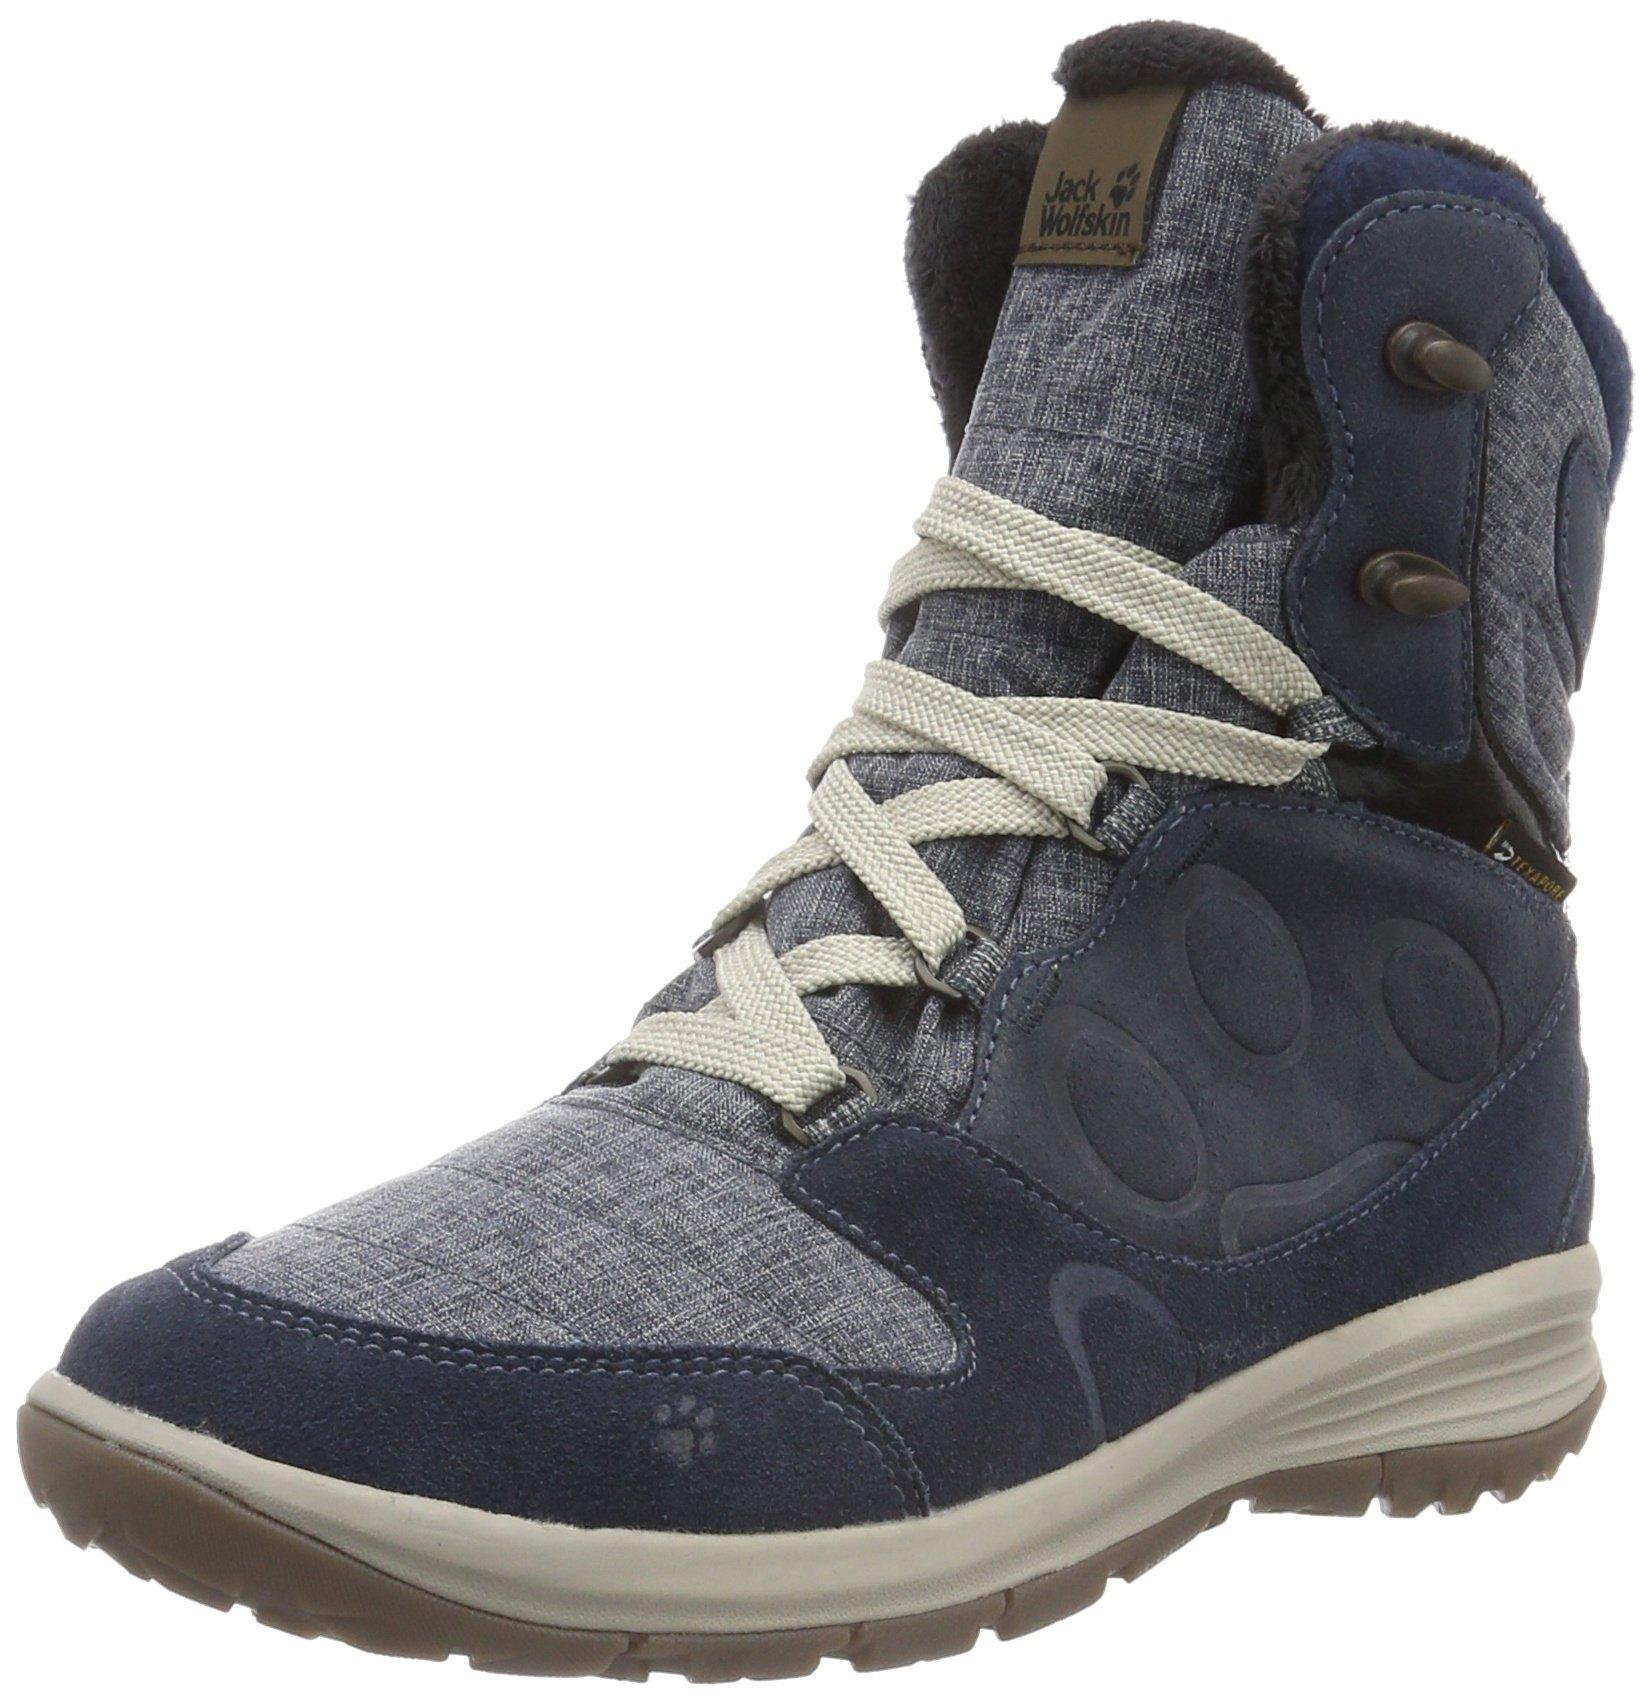 Blue 5 101039 High Vancouver Jack FemmeBleunight Eu W Randonnée Texapore Chaussures Wolfskin De Hautes UVSzqMp